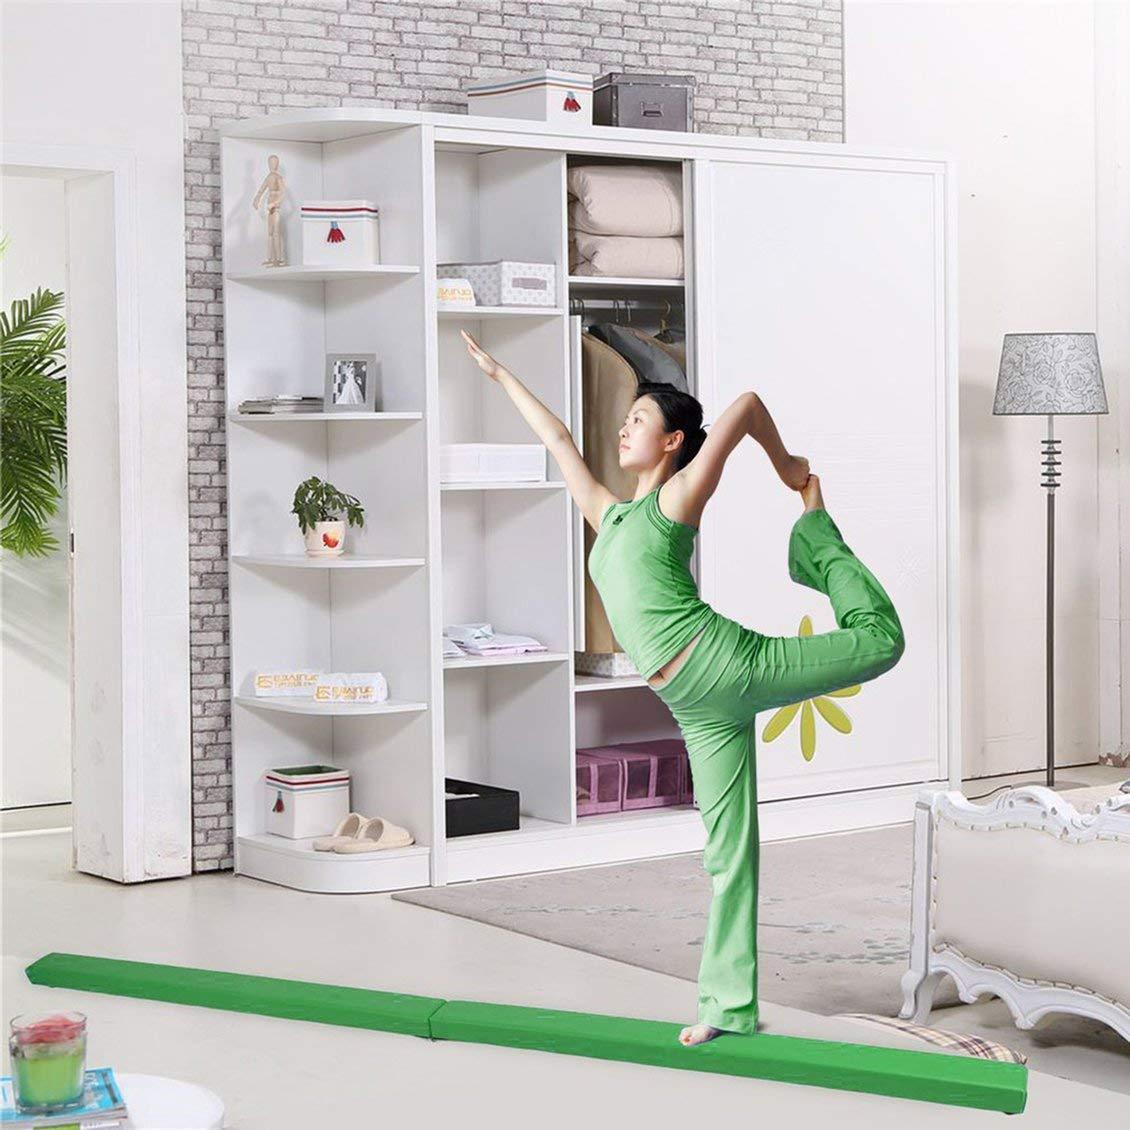 Pgige 2,1 m Pliant la Poutre d/équilibre de Gymnastique Durable Barre Horizontale /à la Maison de Formation de Gymnastique Faisceau d/équilibre Exercice de m/énage Autocollants